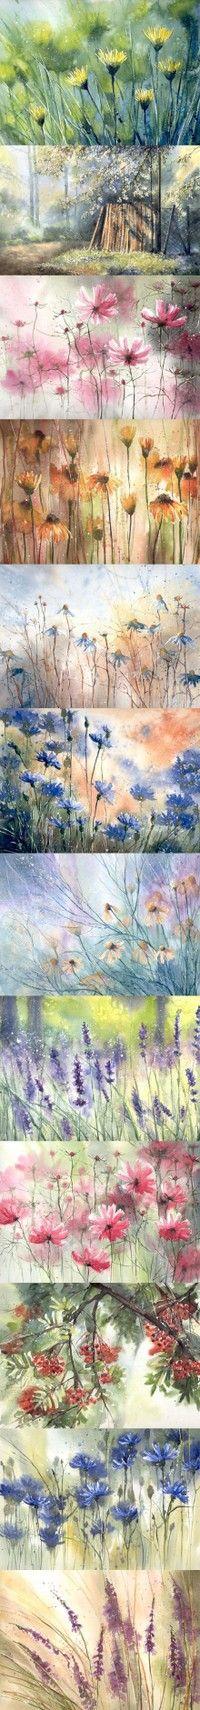 Strip of flowers